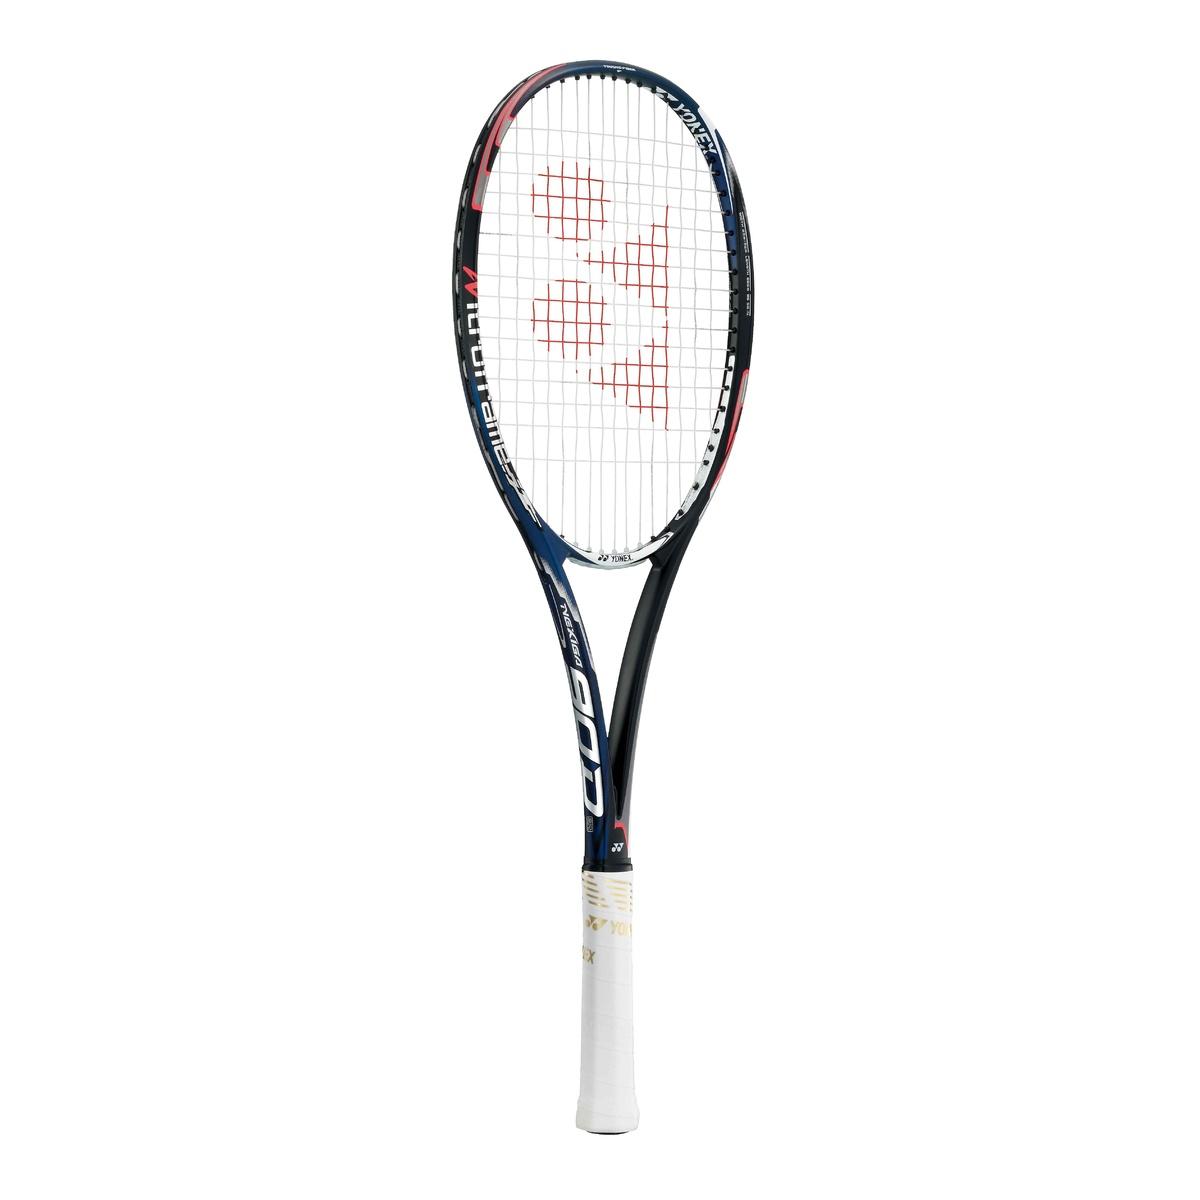 【送料無料】 YONEX (ヨネックス) 【フレームのみ】ソフトテニス フレームラケット ネクシーガ90デュエル DN NXG90D